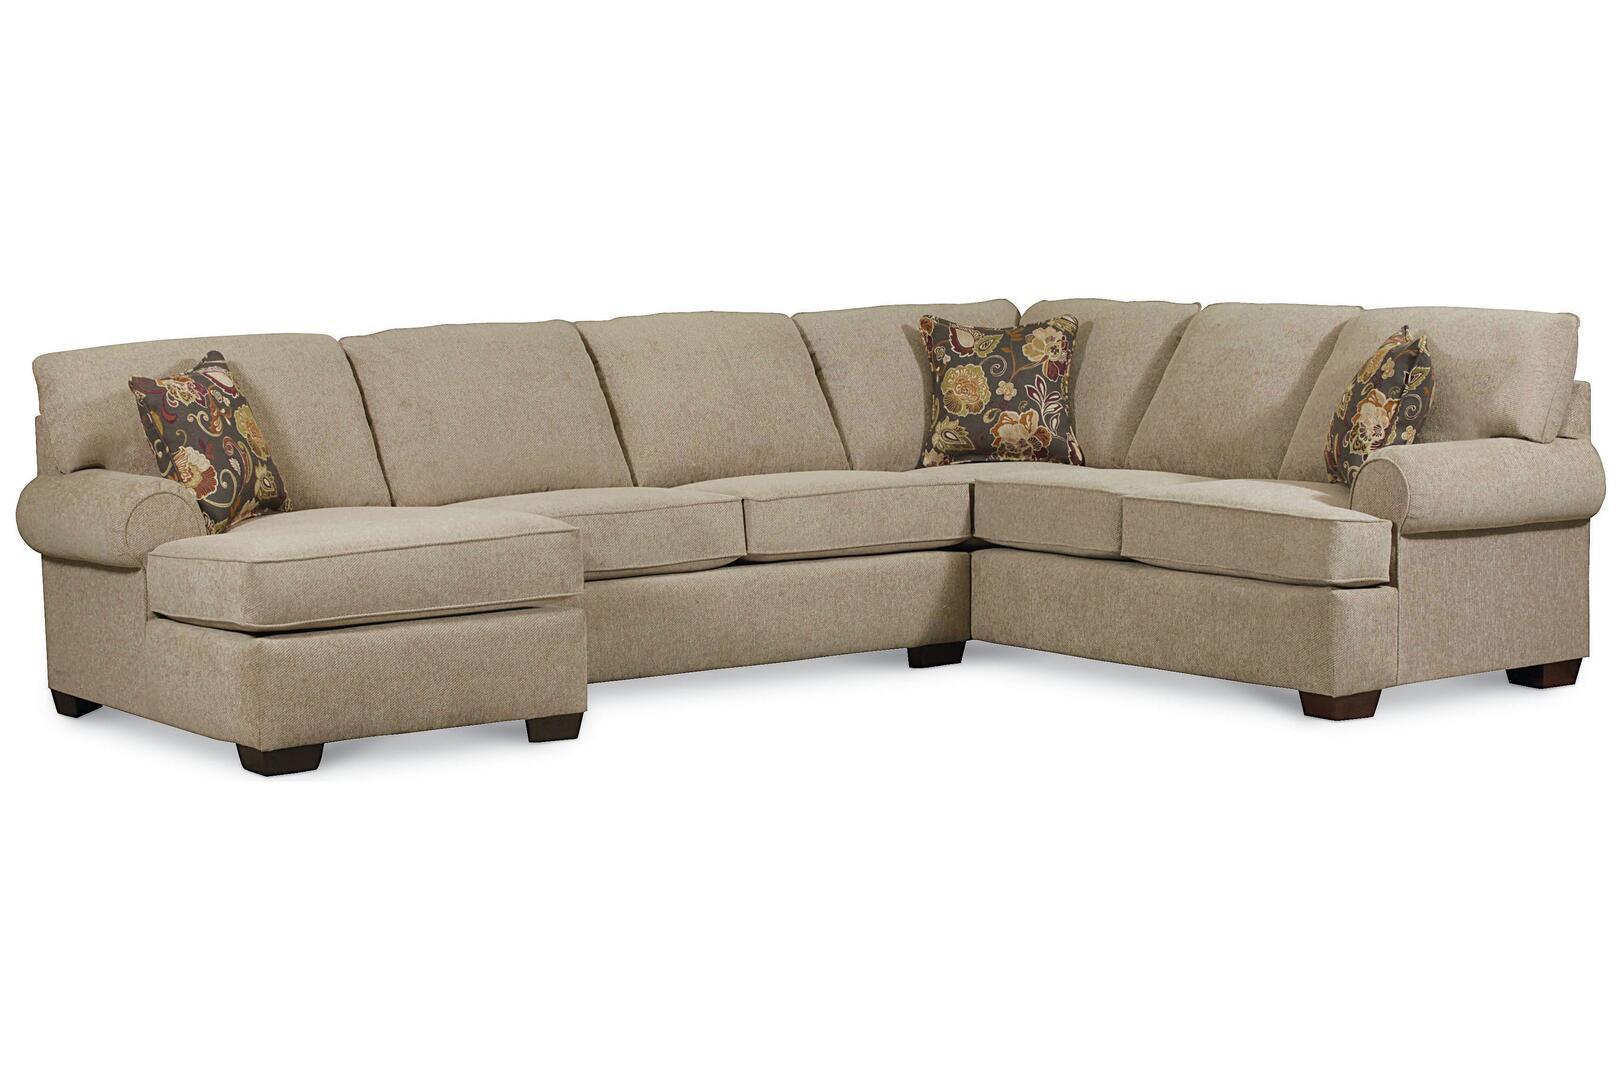 sectional sofa deals free shipping boards sagging lane furniture 738854154430617131942 vivian series